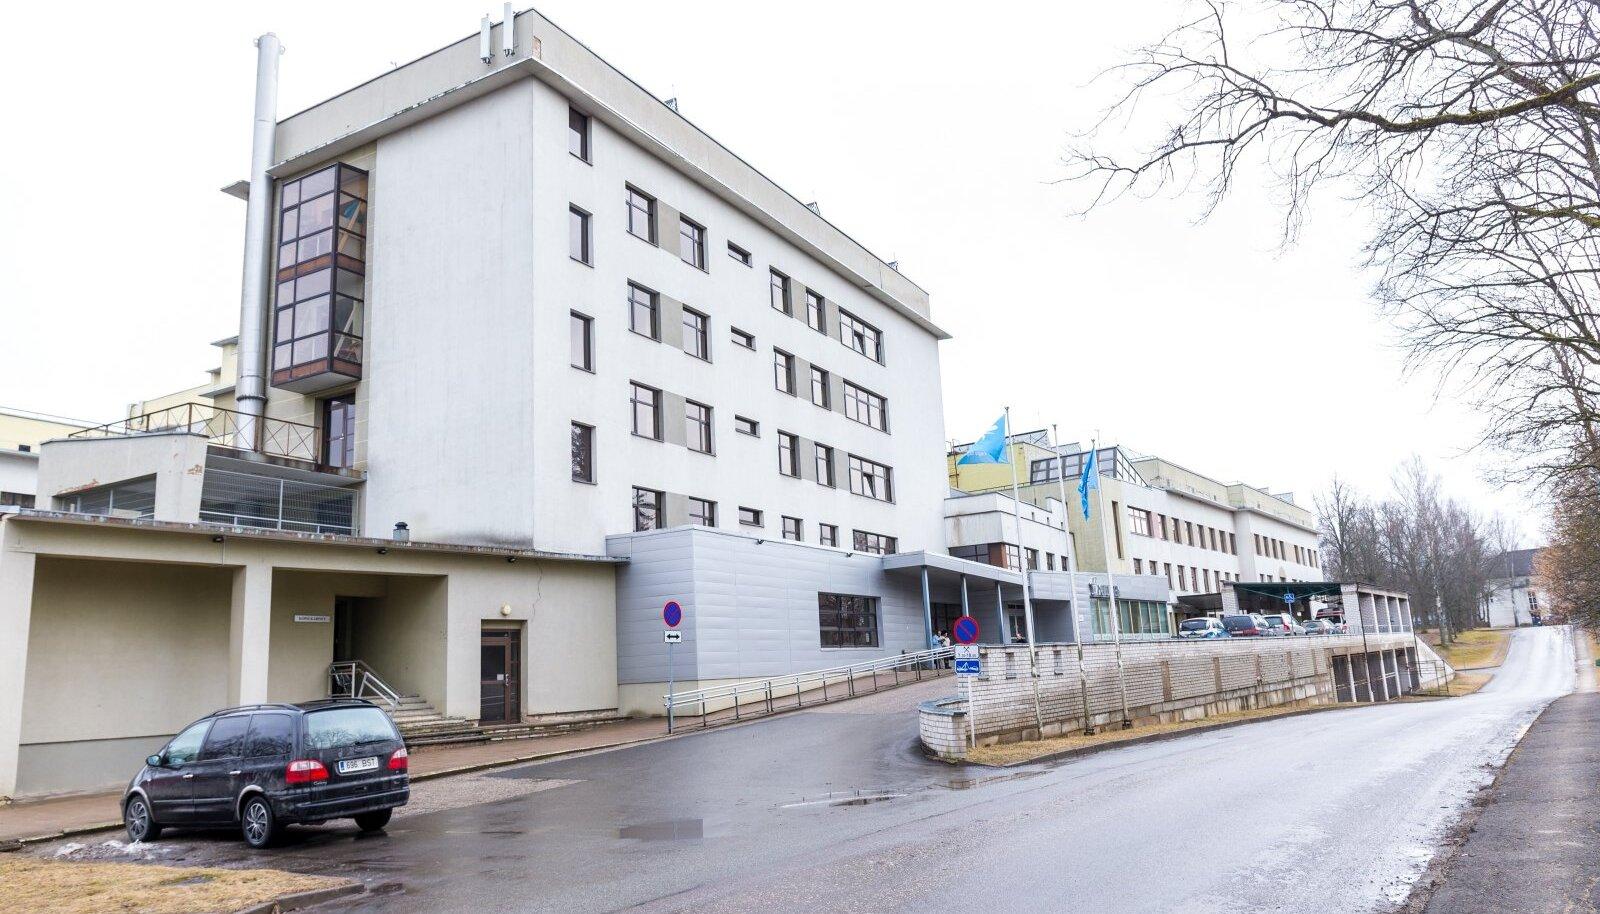 Kuigi seitse töötajat on nakkuse tõttu töölt eemal, ei ole haigla plaanilises ravis ümberkorraldusi teinud.